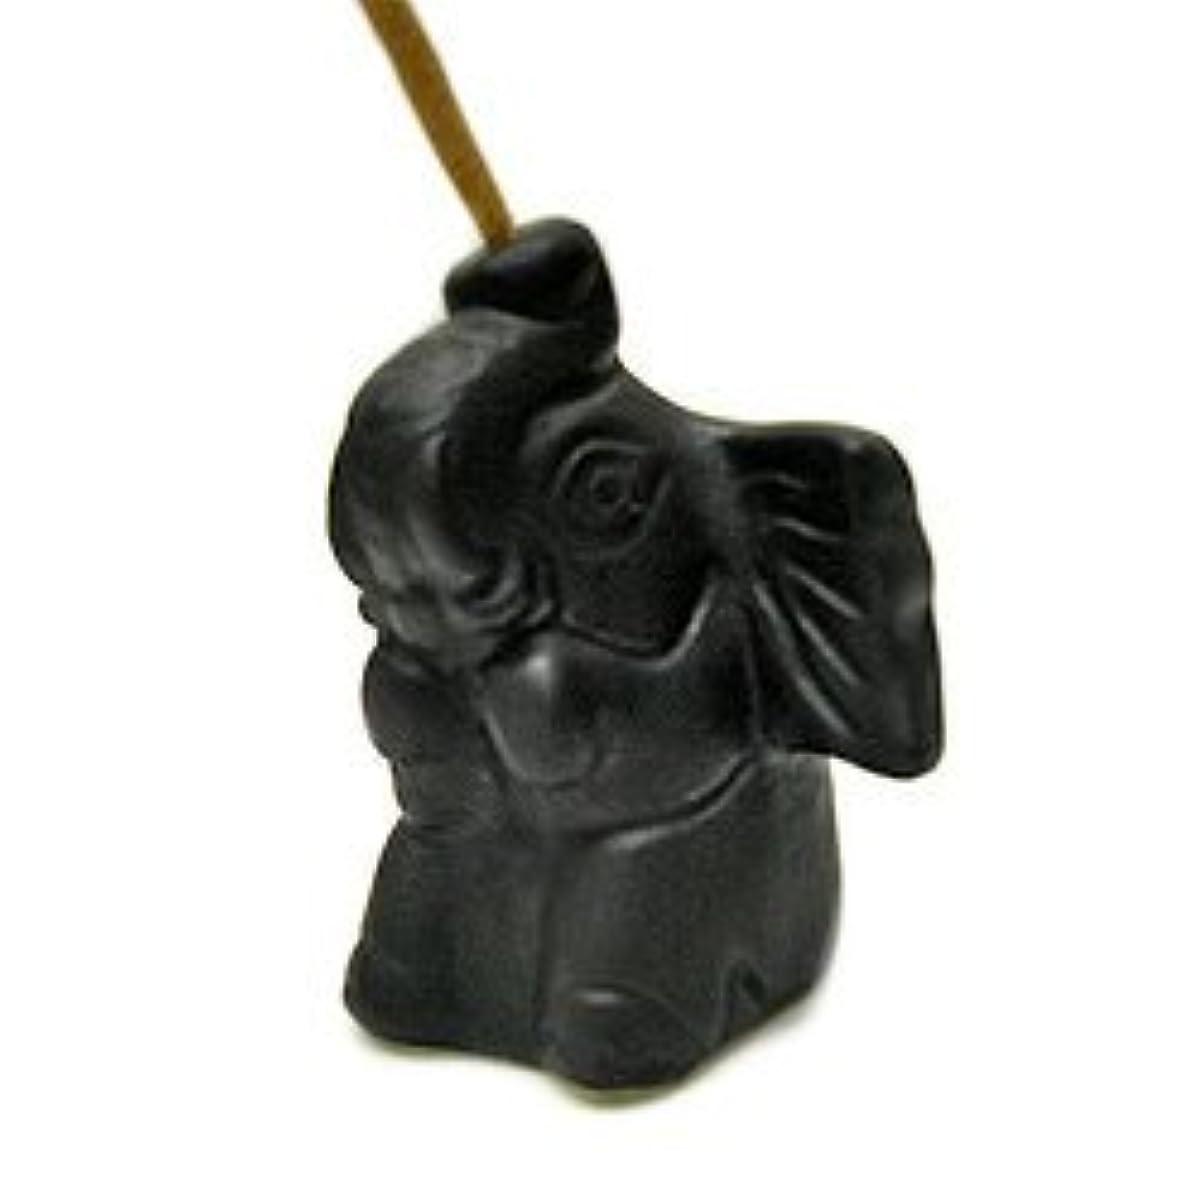 フェロー諸島現れるバブル象さんのお香立て <黒> インセンスホルダー/スティックタイプ用お香立て?お香たて アジアン雑貨